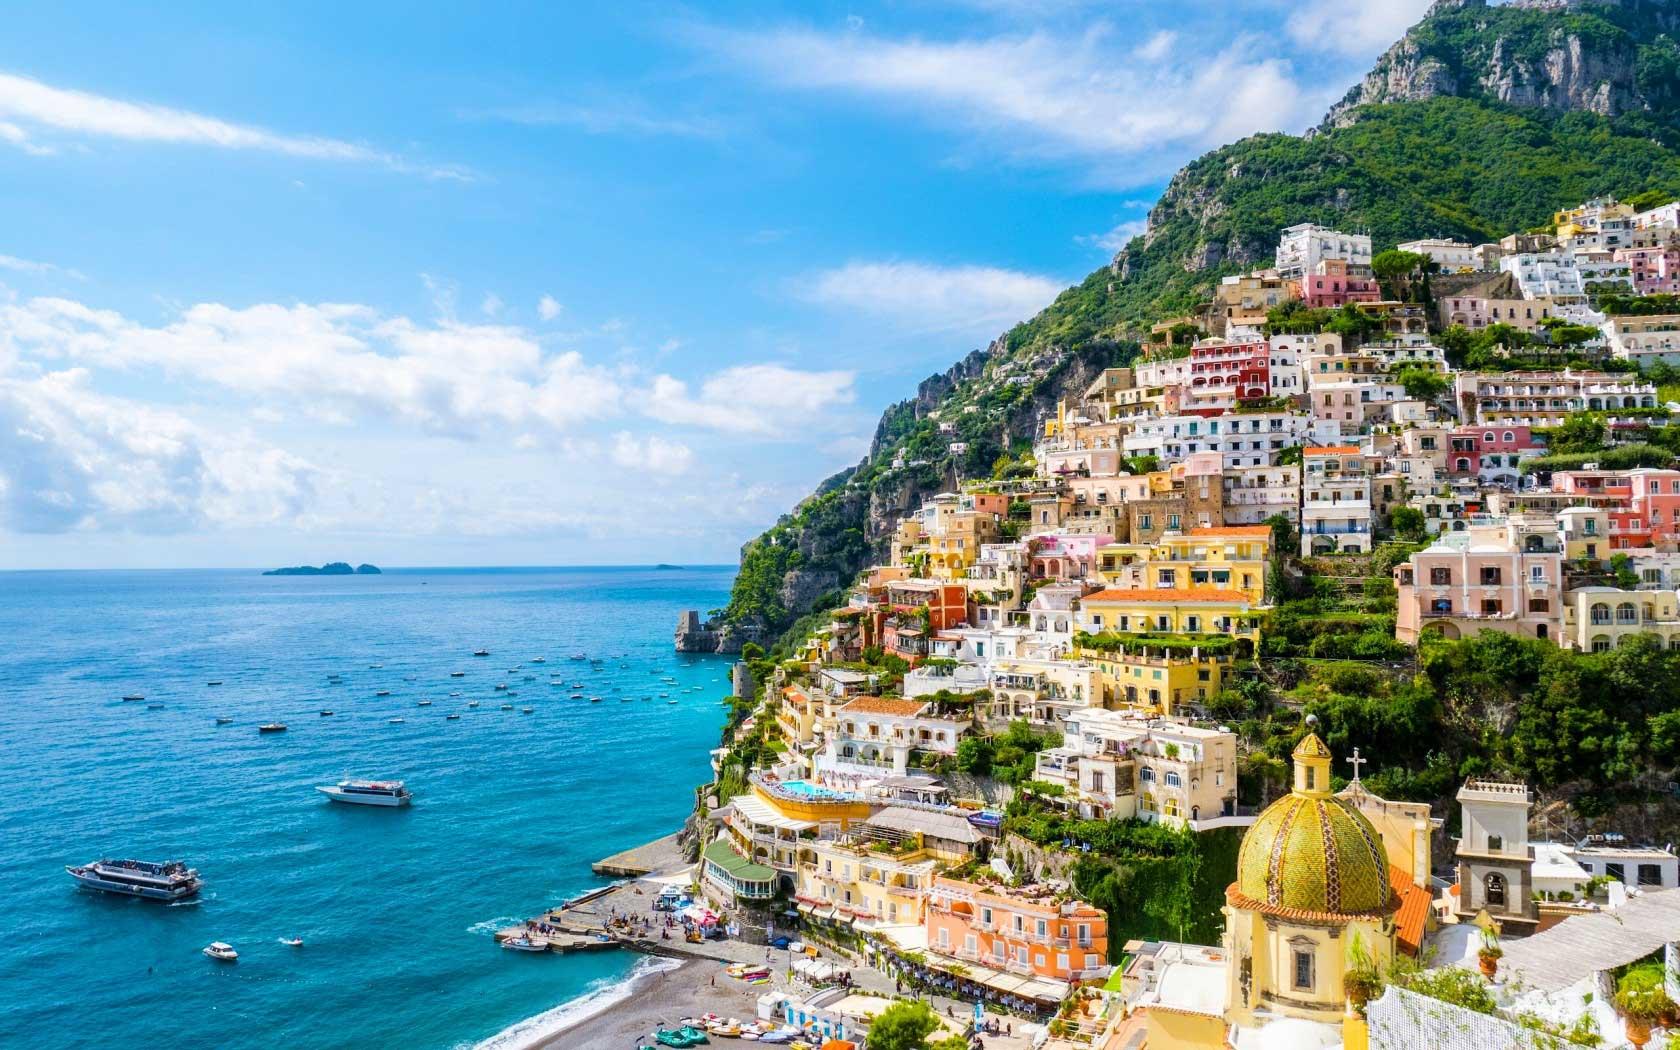 Matrimonio Spiaggia Costiera Amalfitana : Costiera amalfitana cosa vedere e visitare diario viaggi